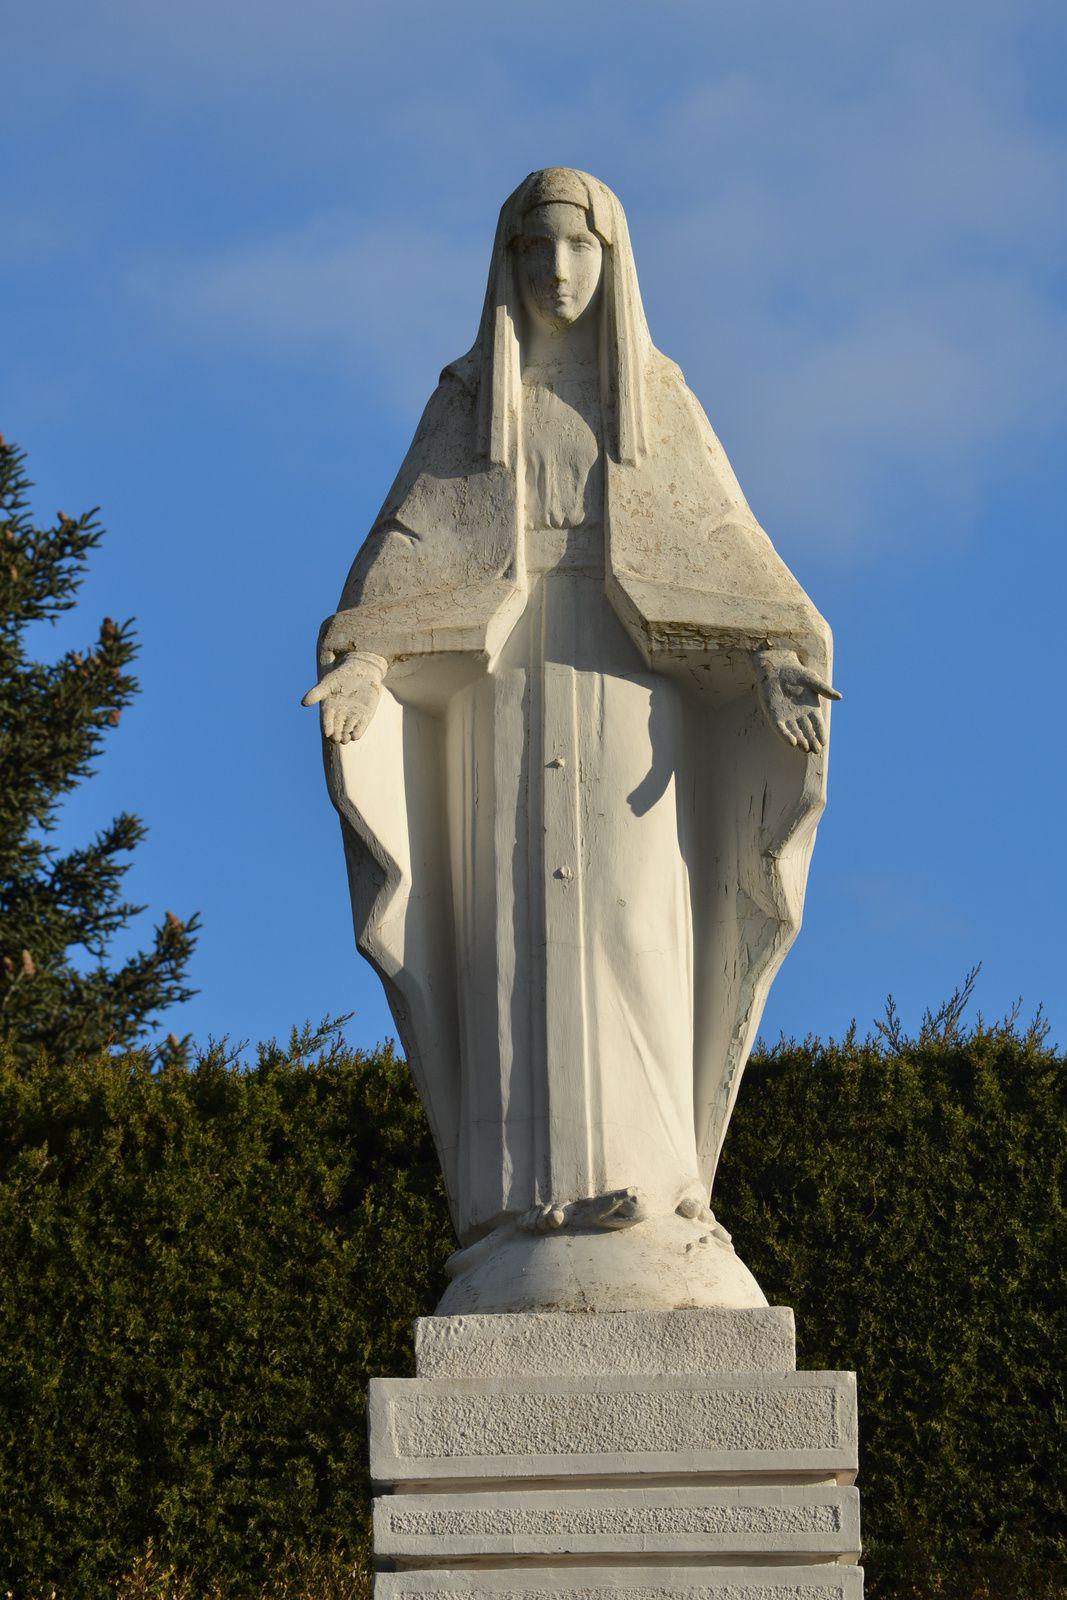 L'histoire des Vierges du Vœu du 15 août 1944 semble être une affaire propre à la Drôme.